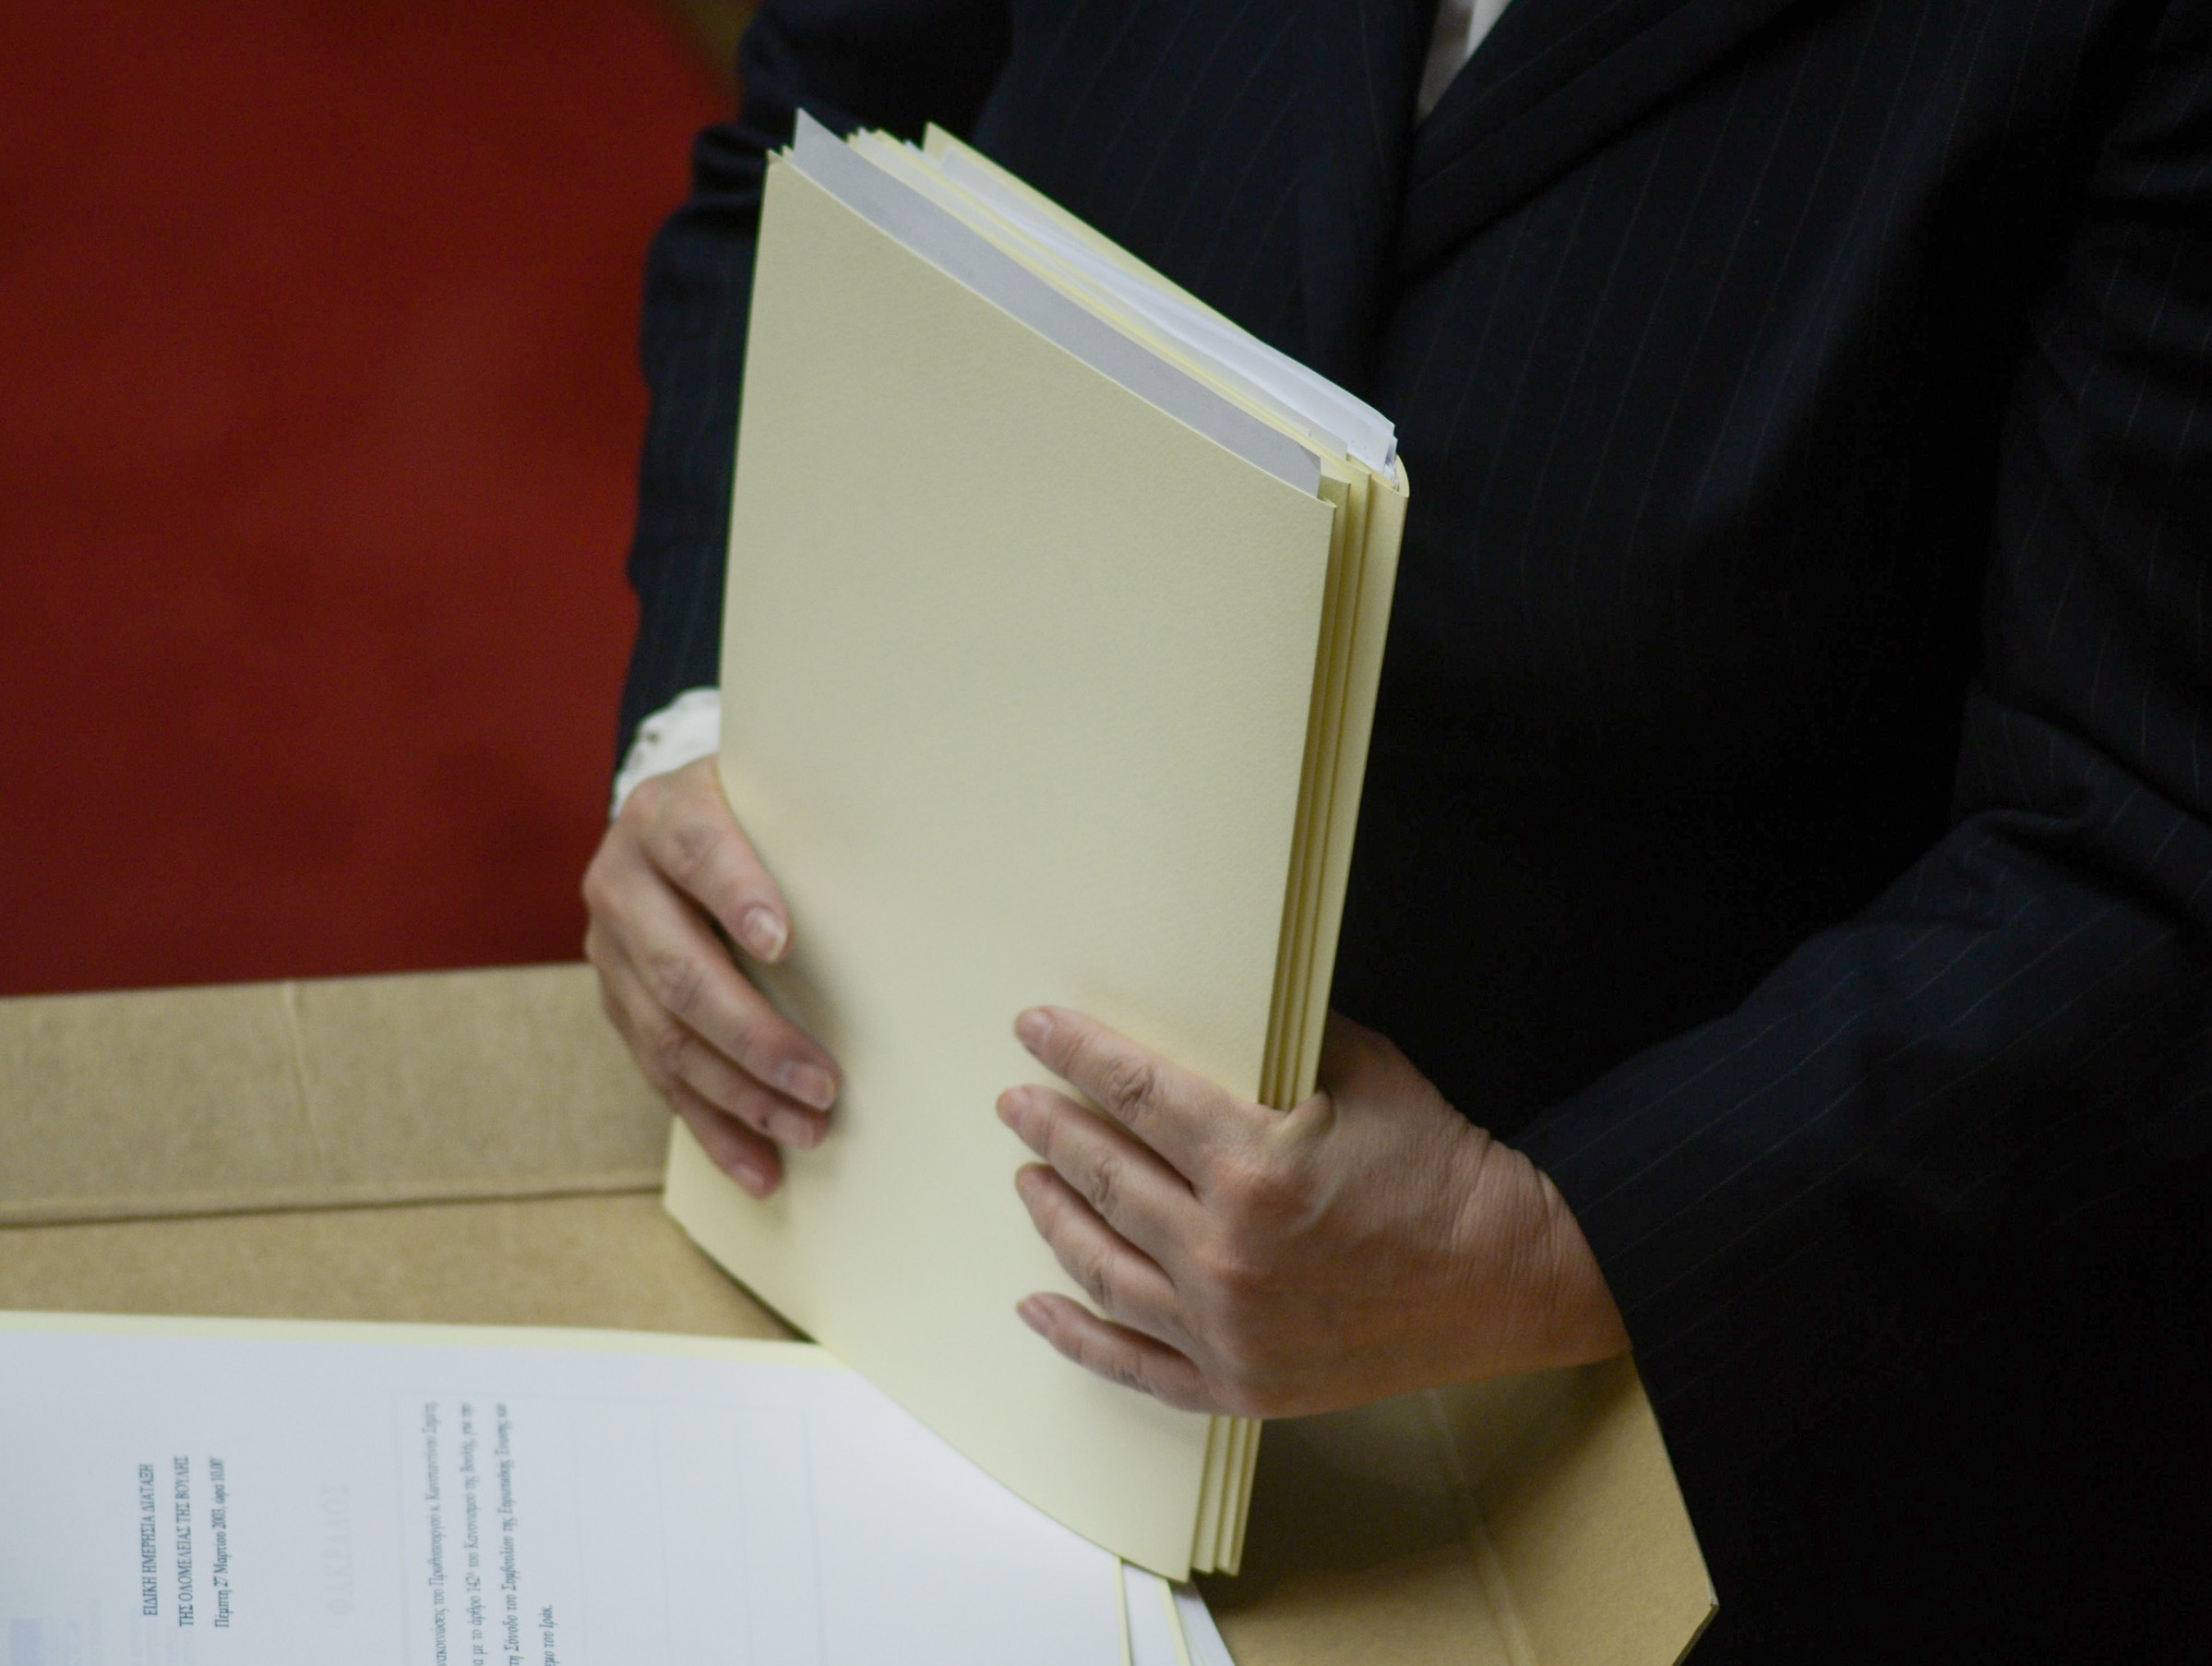 Βρετανία: Έρευνα για τις διαρροές εγγράφων κατά του Ντόναλντ Τραμπ και των ΗΠΑ